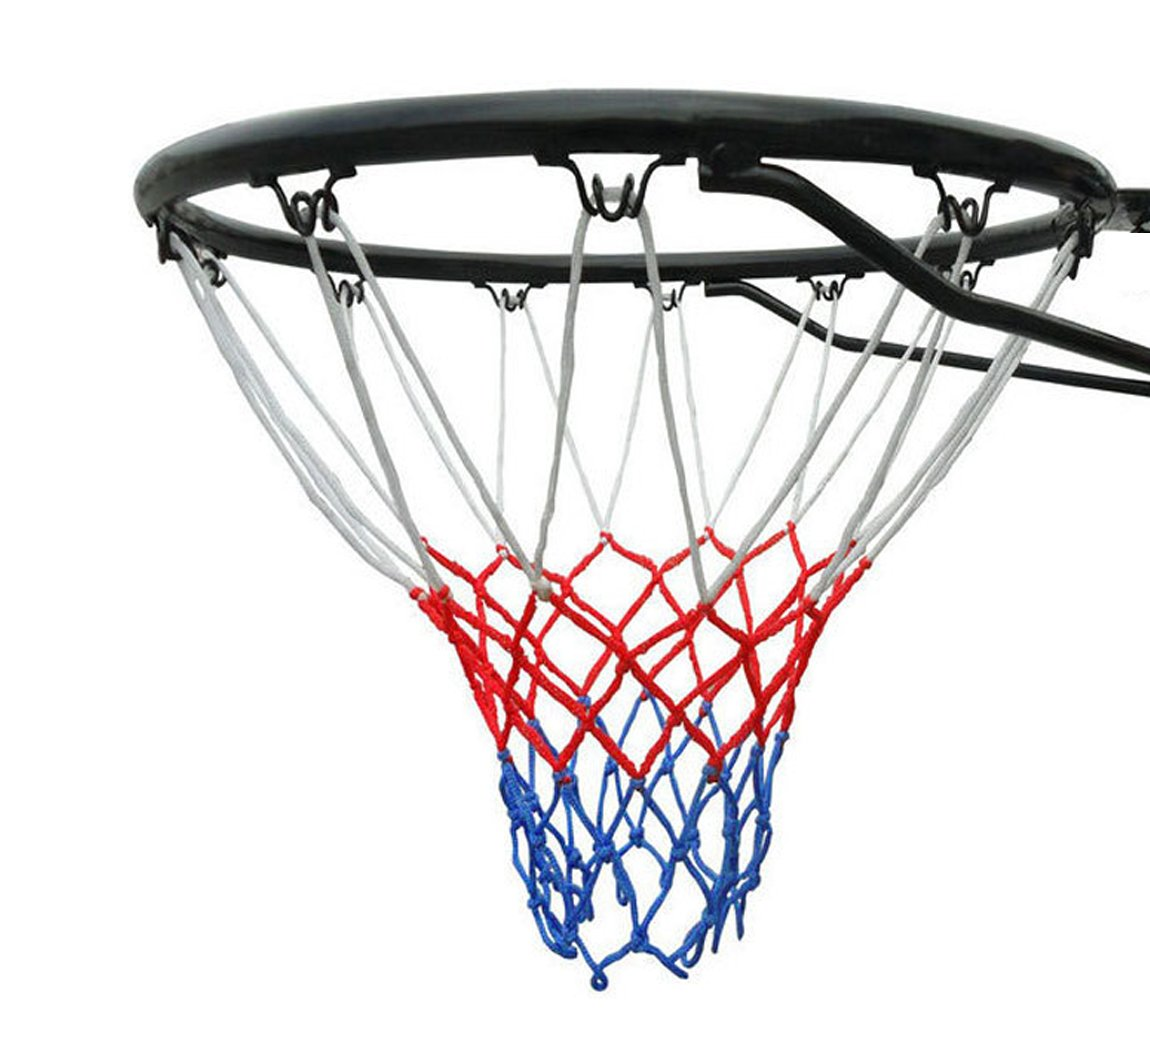 Tamaño oficial (45 cm) anillo de baloncesto, aro red y montaje en la pared fijaciones. Adecuado para adultos y niños aro red y montaje en la pared fijaciones. Adecuado para adultos y niños Big Game Hunters